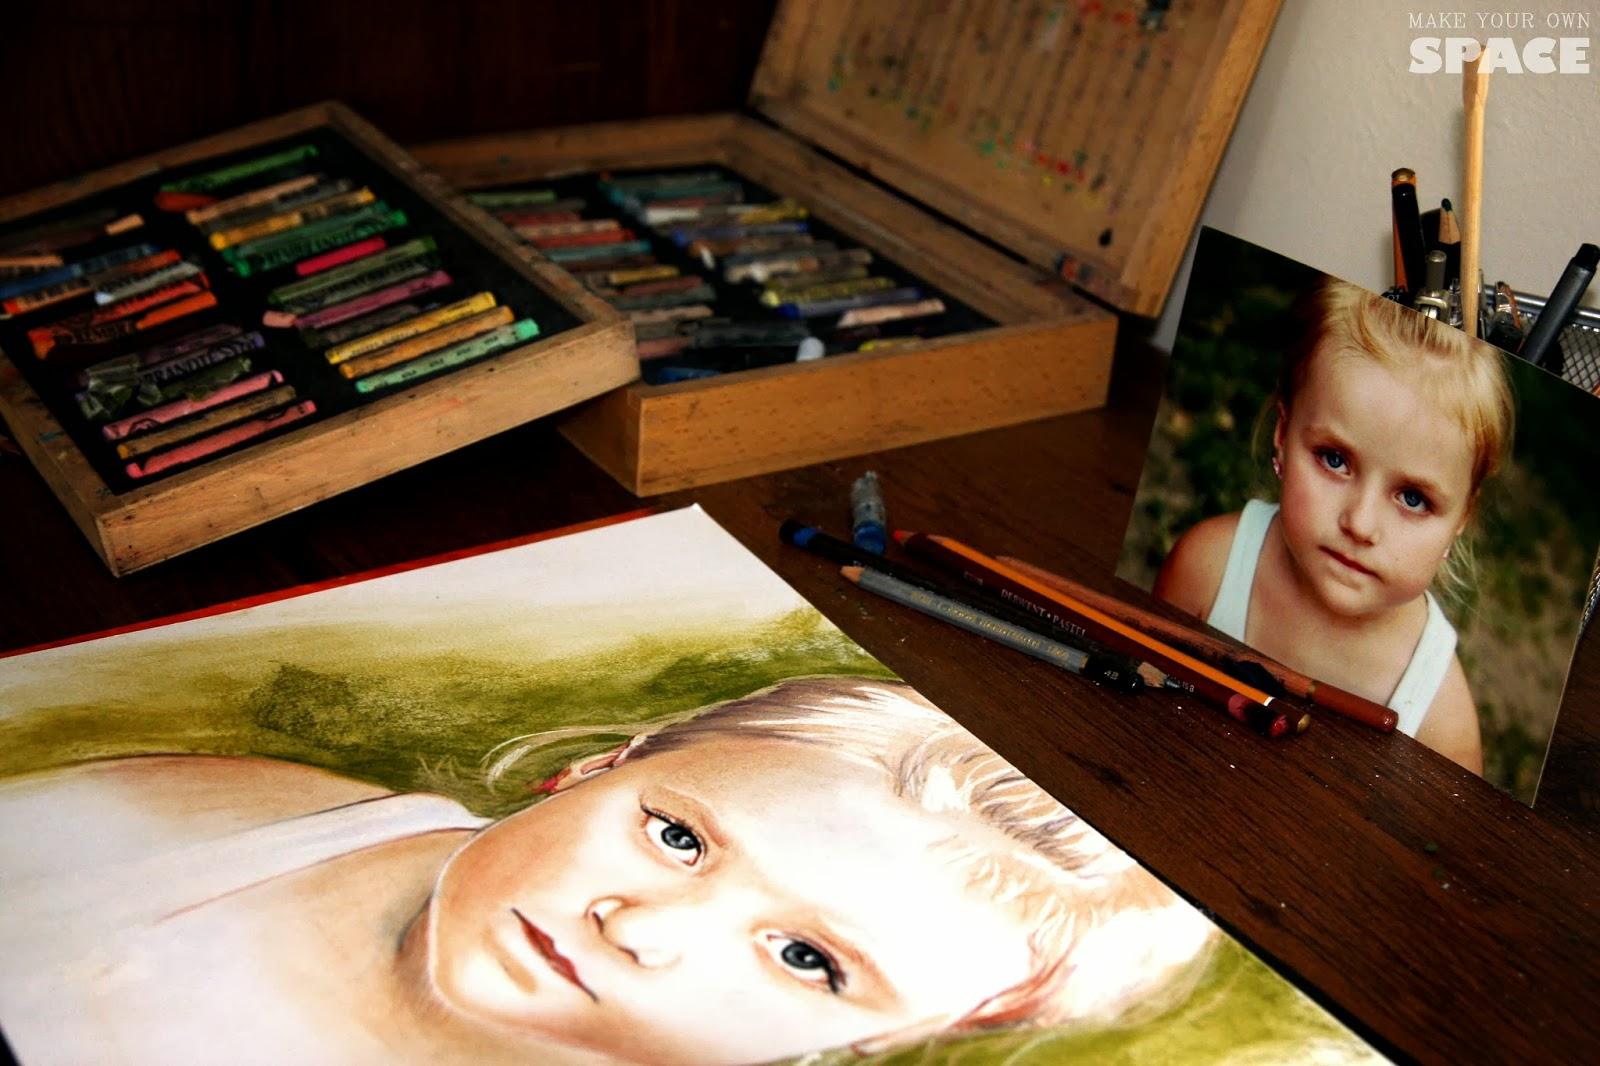 pastele, portret, dziecko, portret dziecka, okazja, prezent